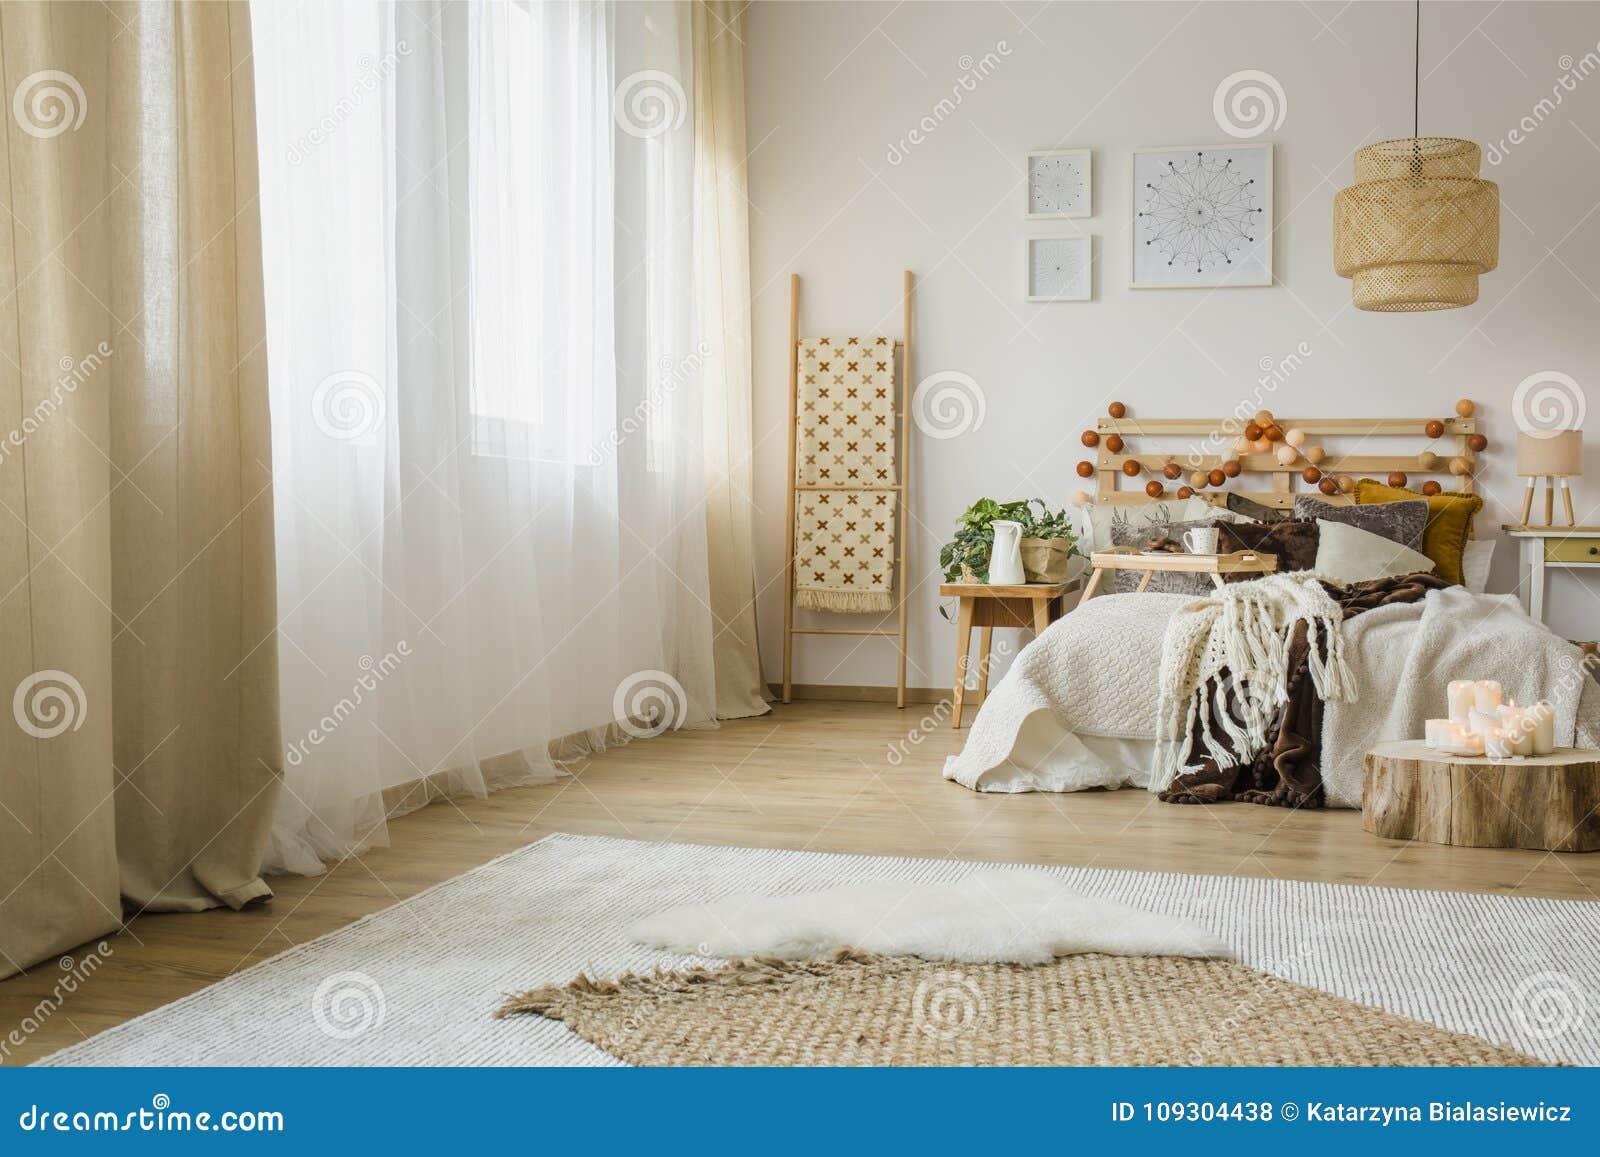 Stili Di Camere Da Letto interno della camera da letto di stile di hygge fotografia